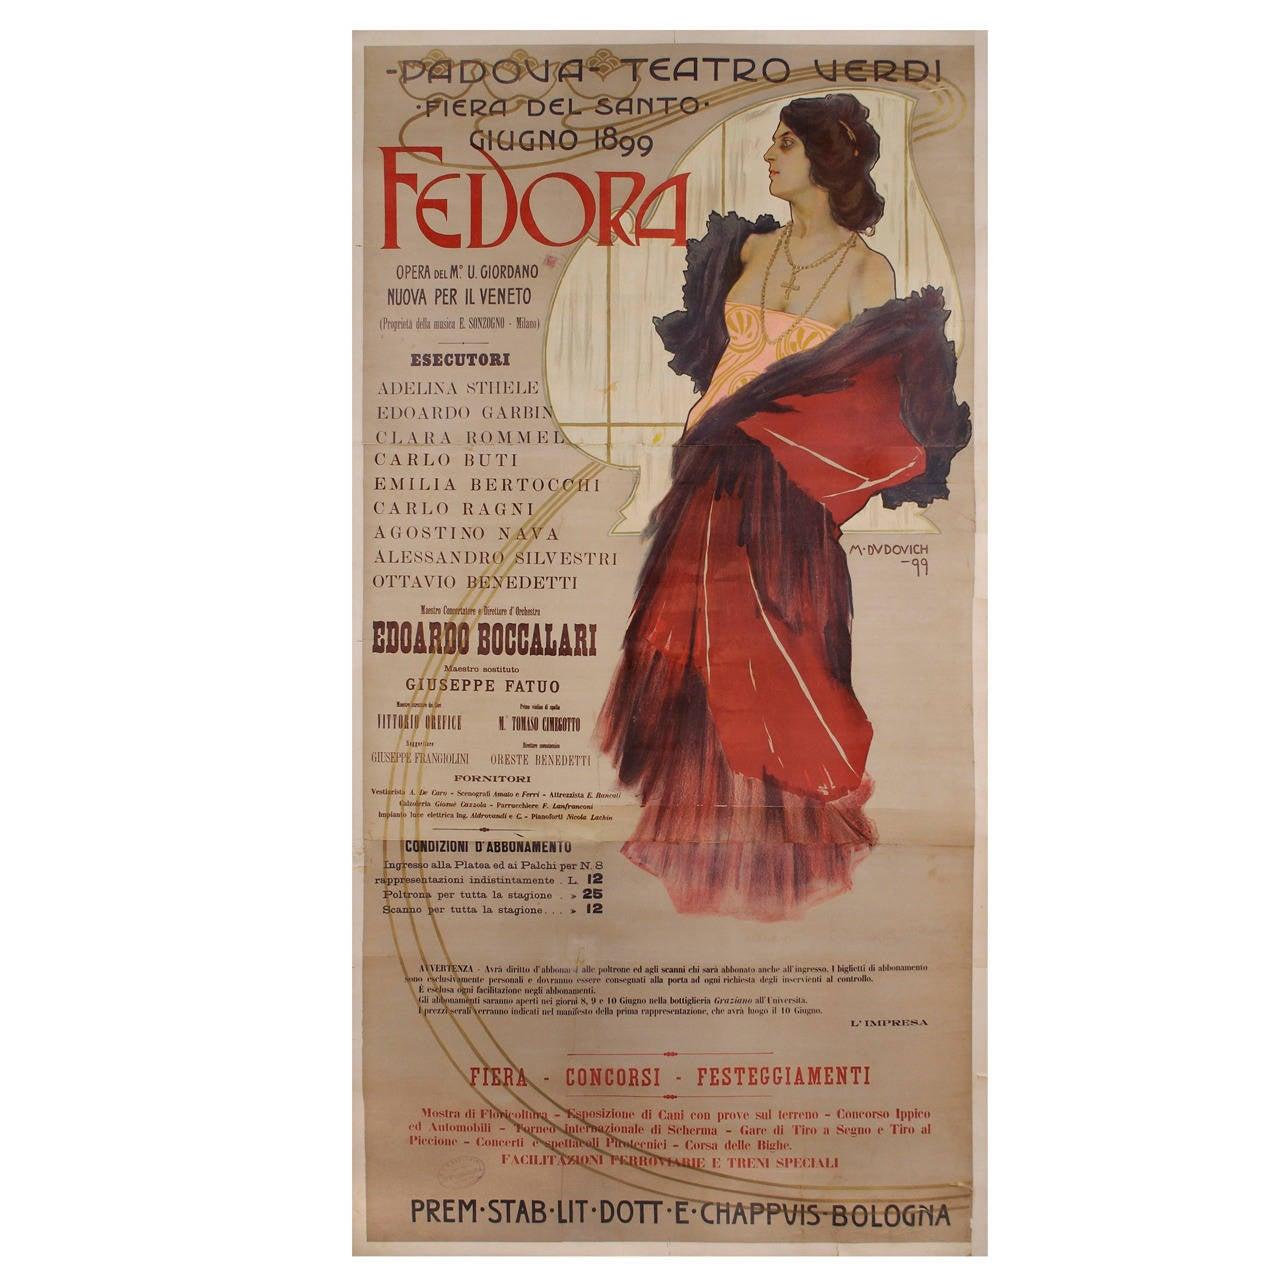 Italian Art Nouveau Period Opera Poster by Marcello Dudovich, 1899 1